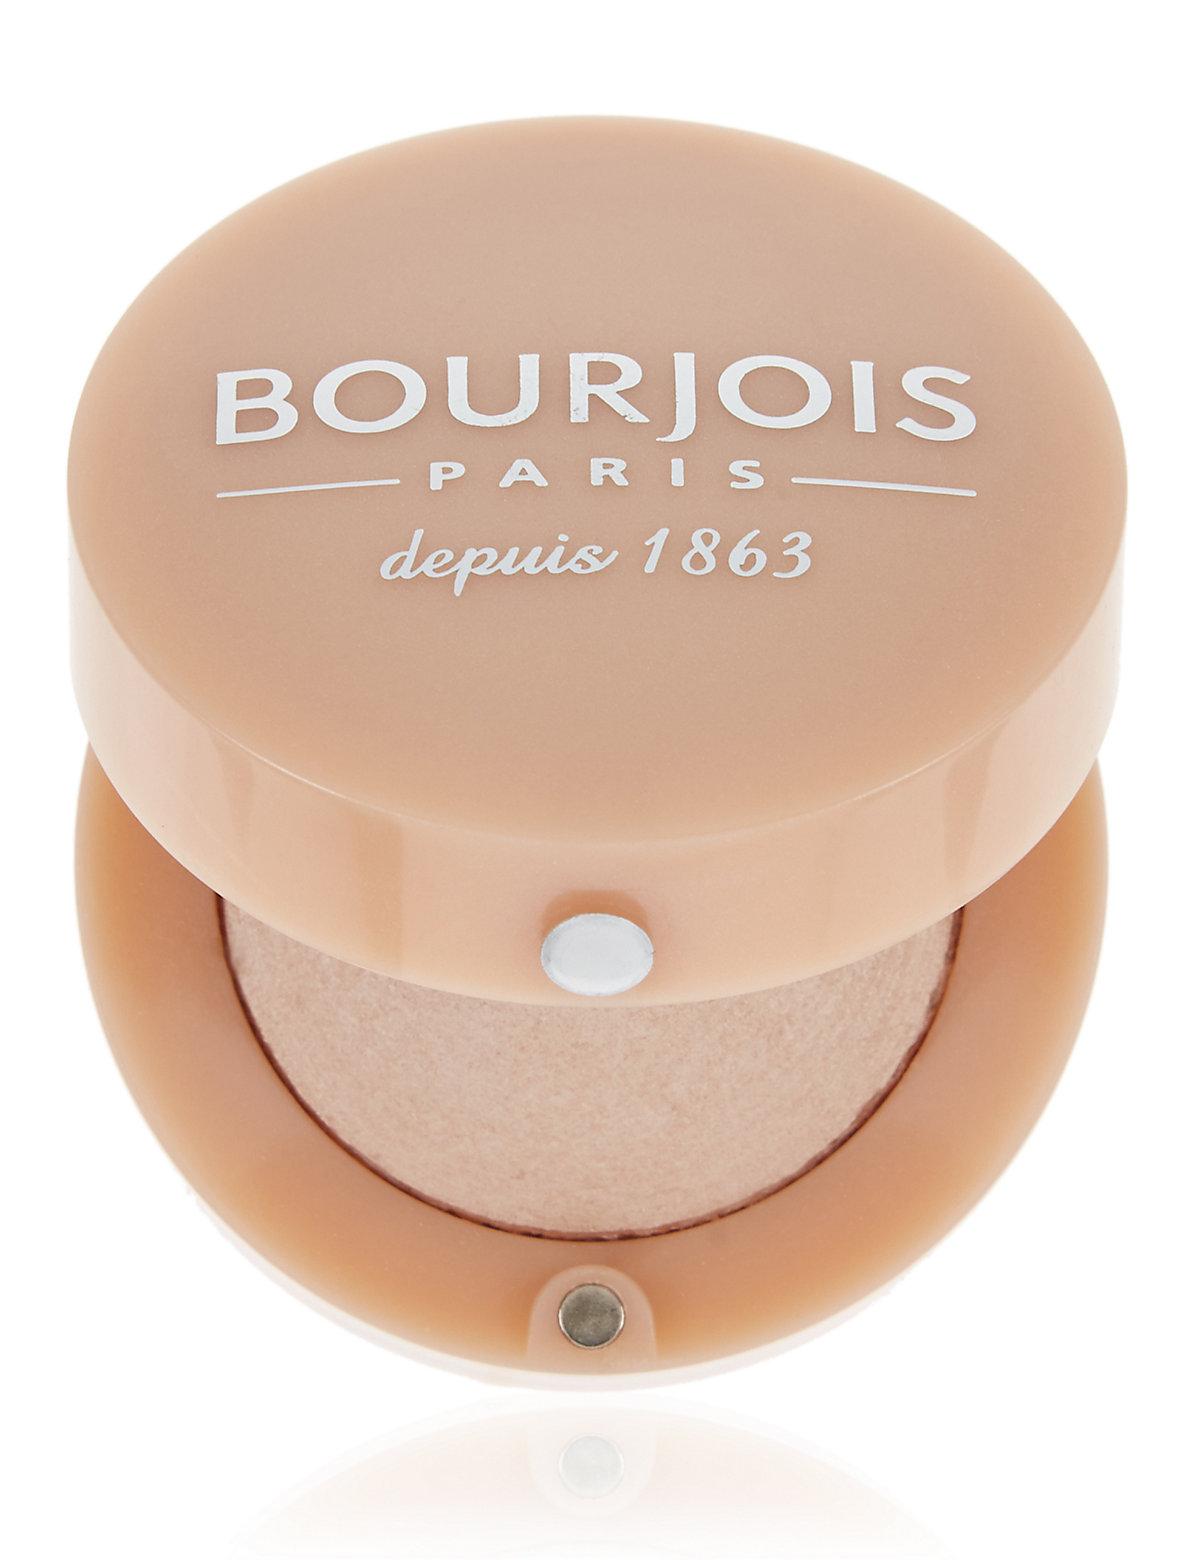 Bourjois Little Round Pot Eyeshadow 1.5g